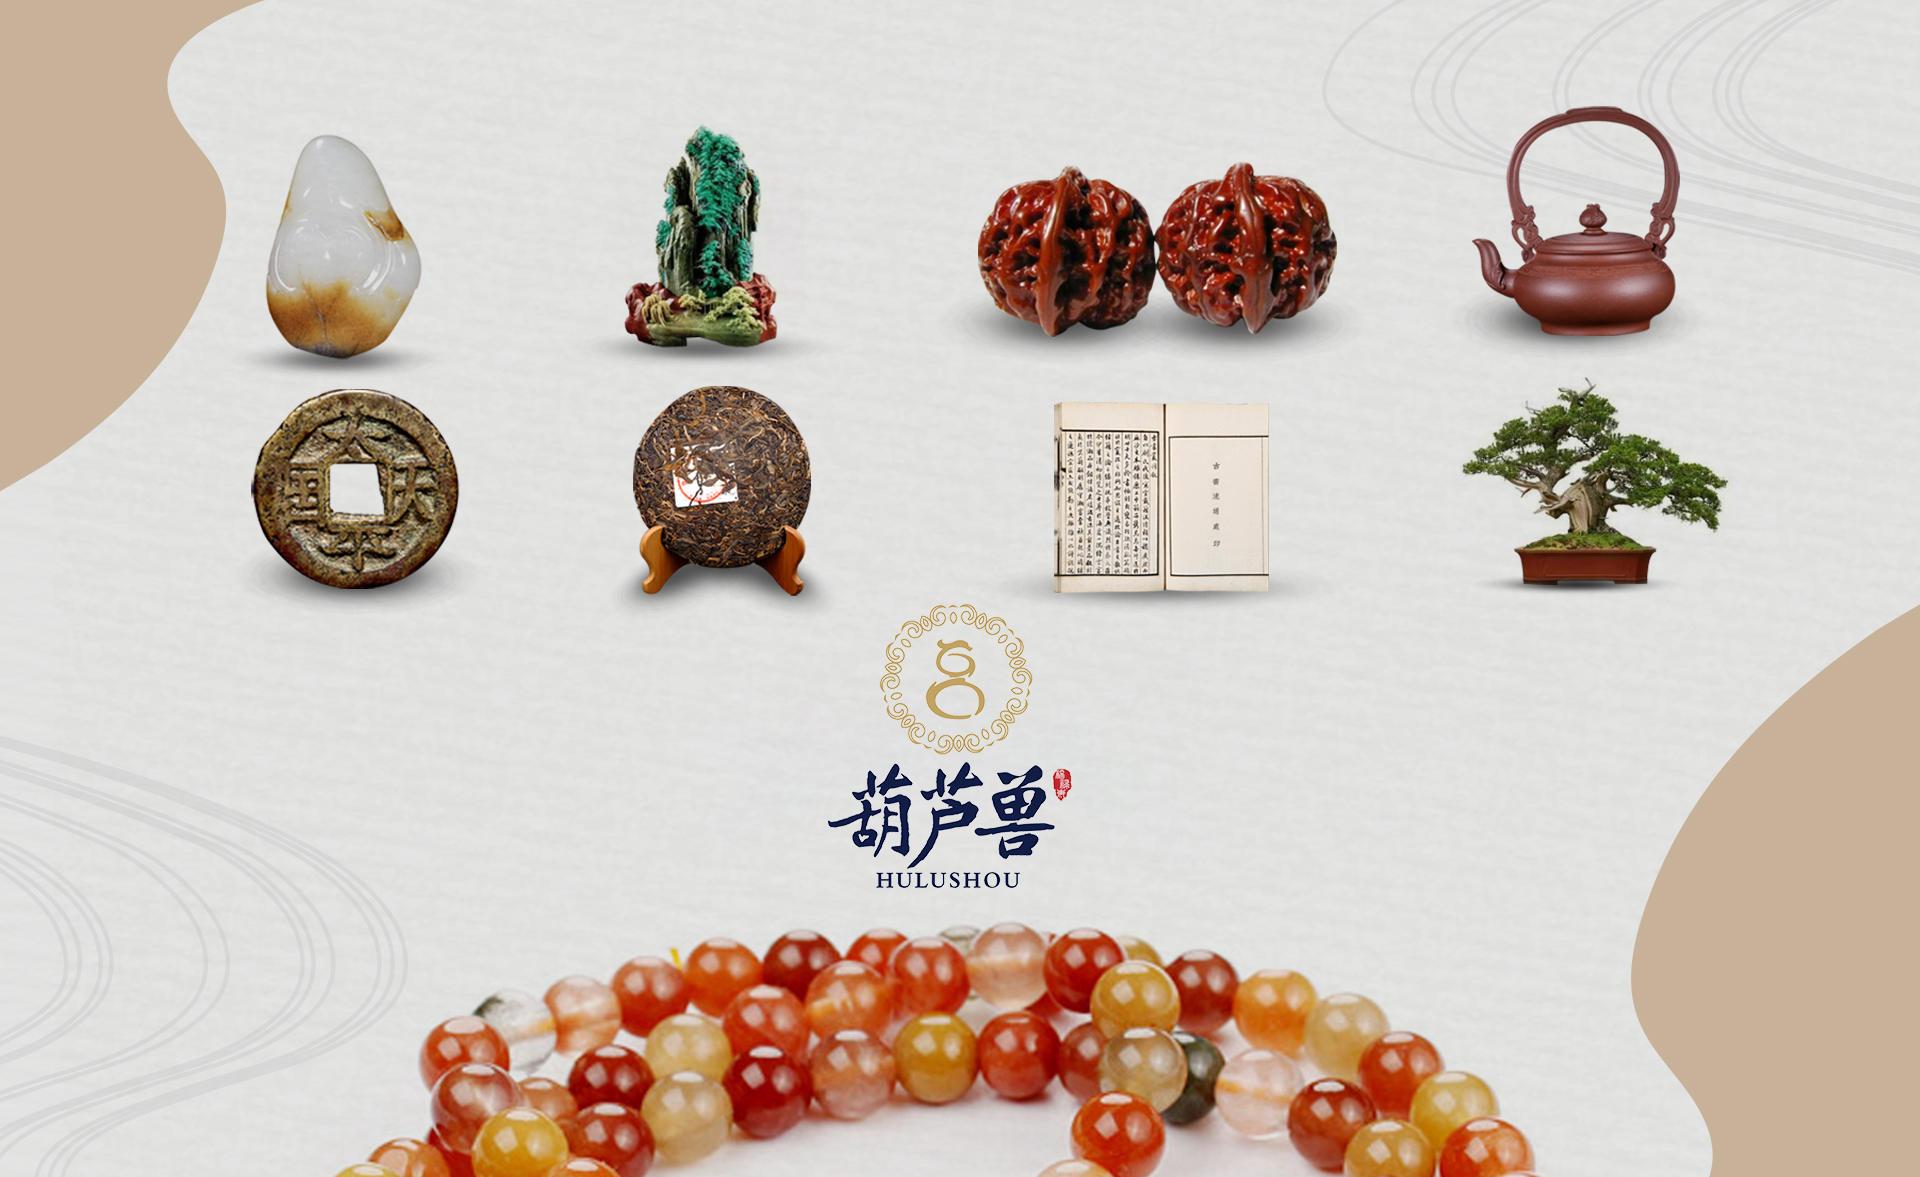 36氪首发 | 从女性用户切入文玩珠宝电商,「葫芦兽」获梅花创投千万元种子轮融资